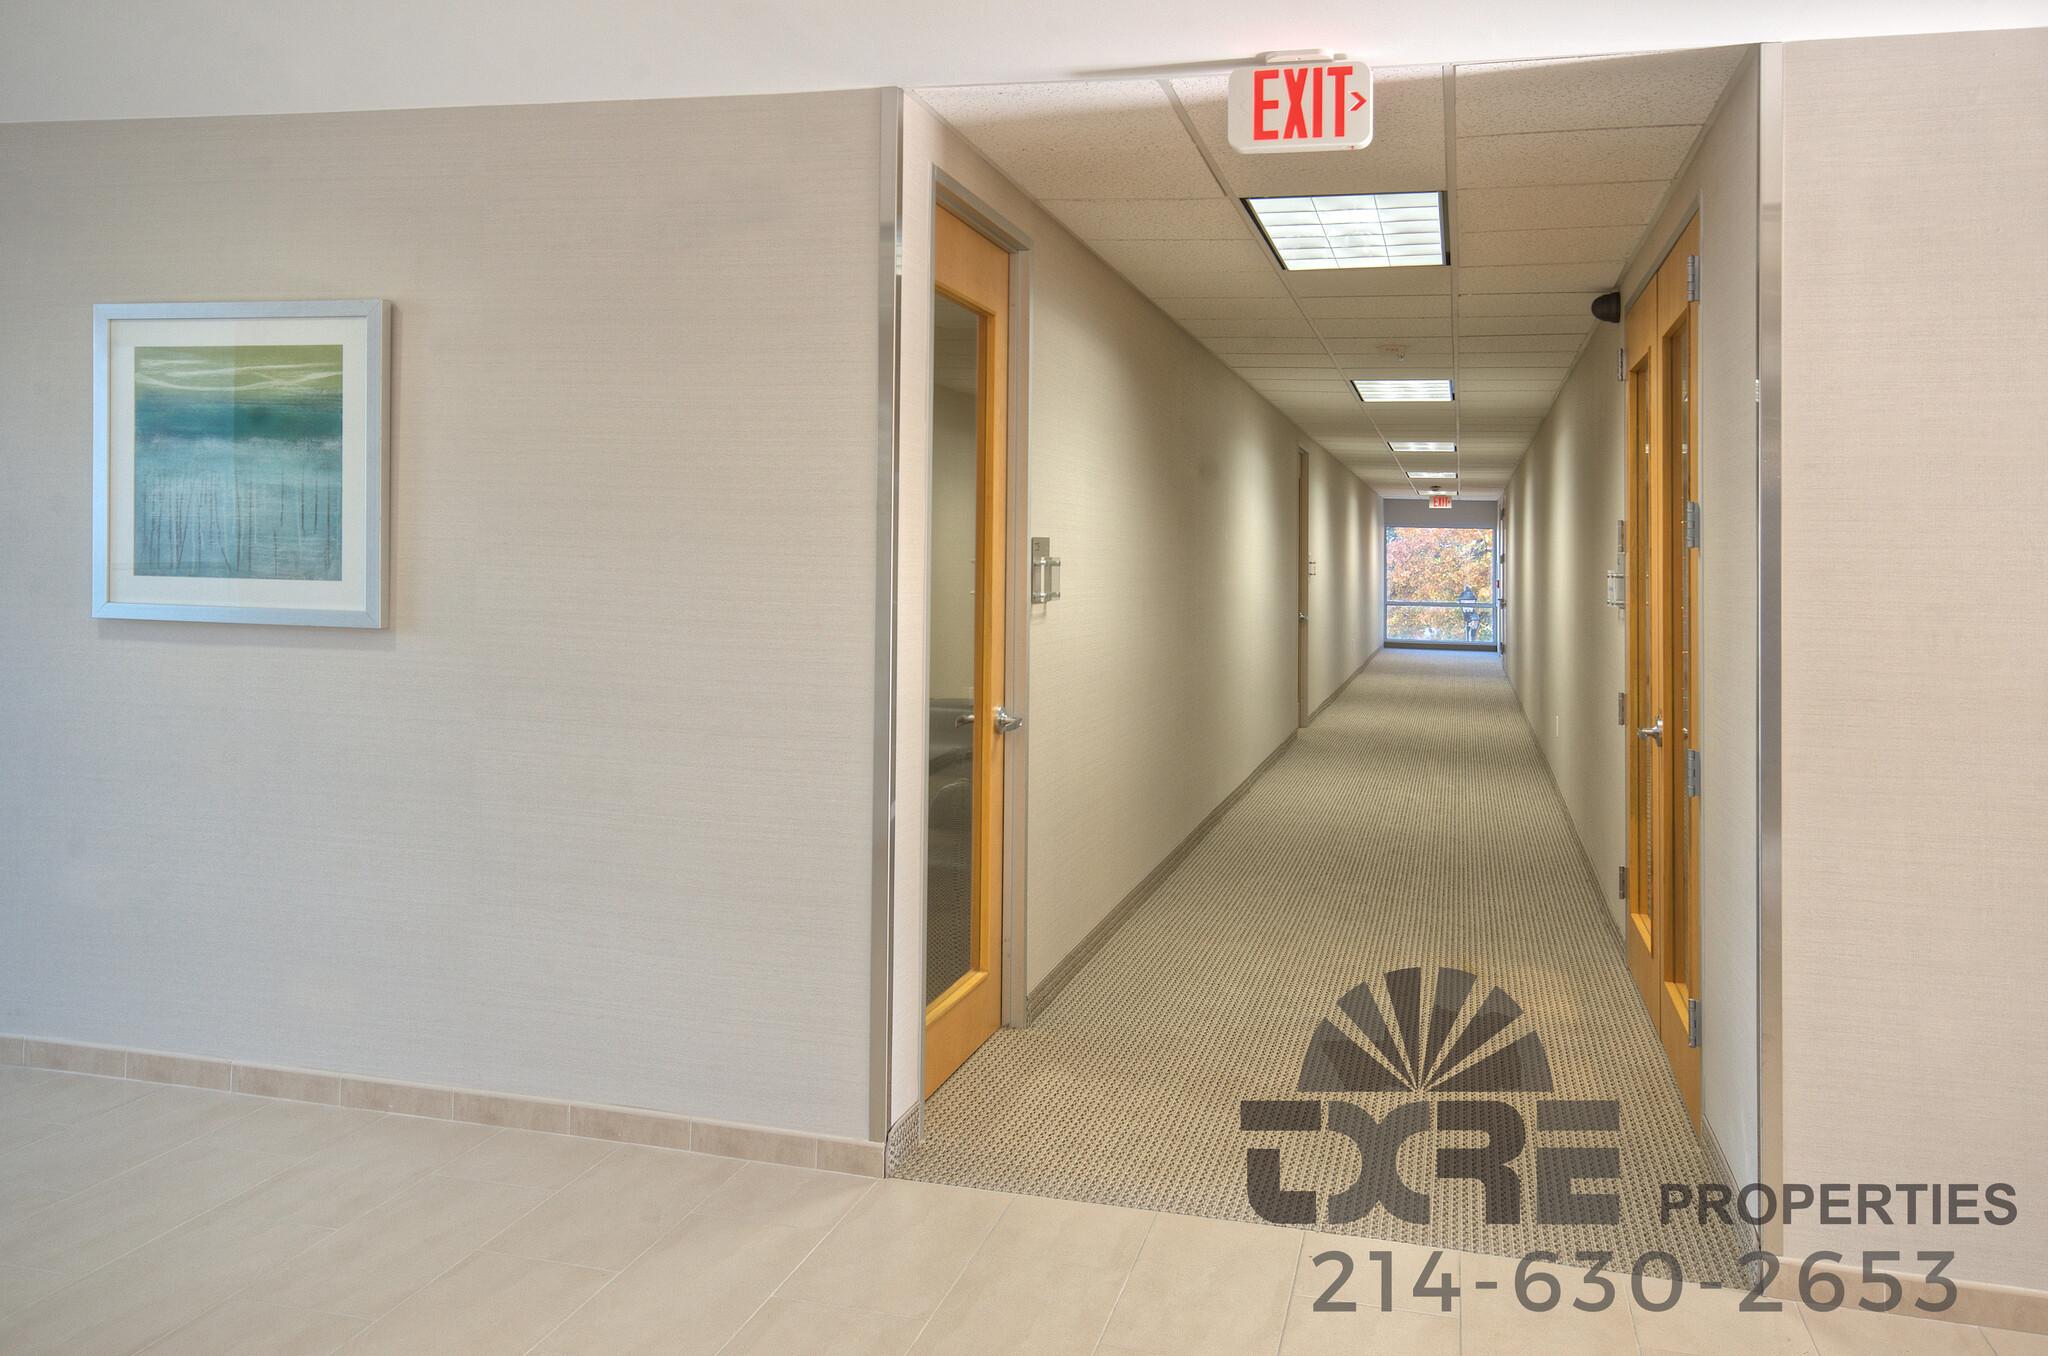 300 Decker Dr. hallways